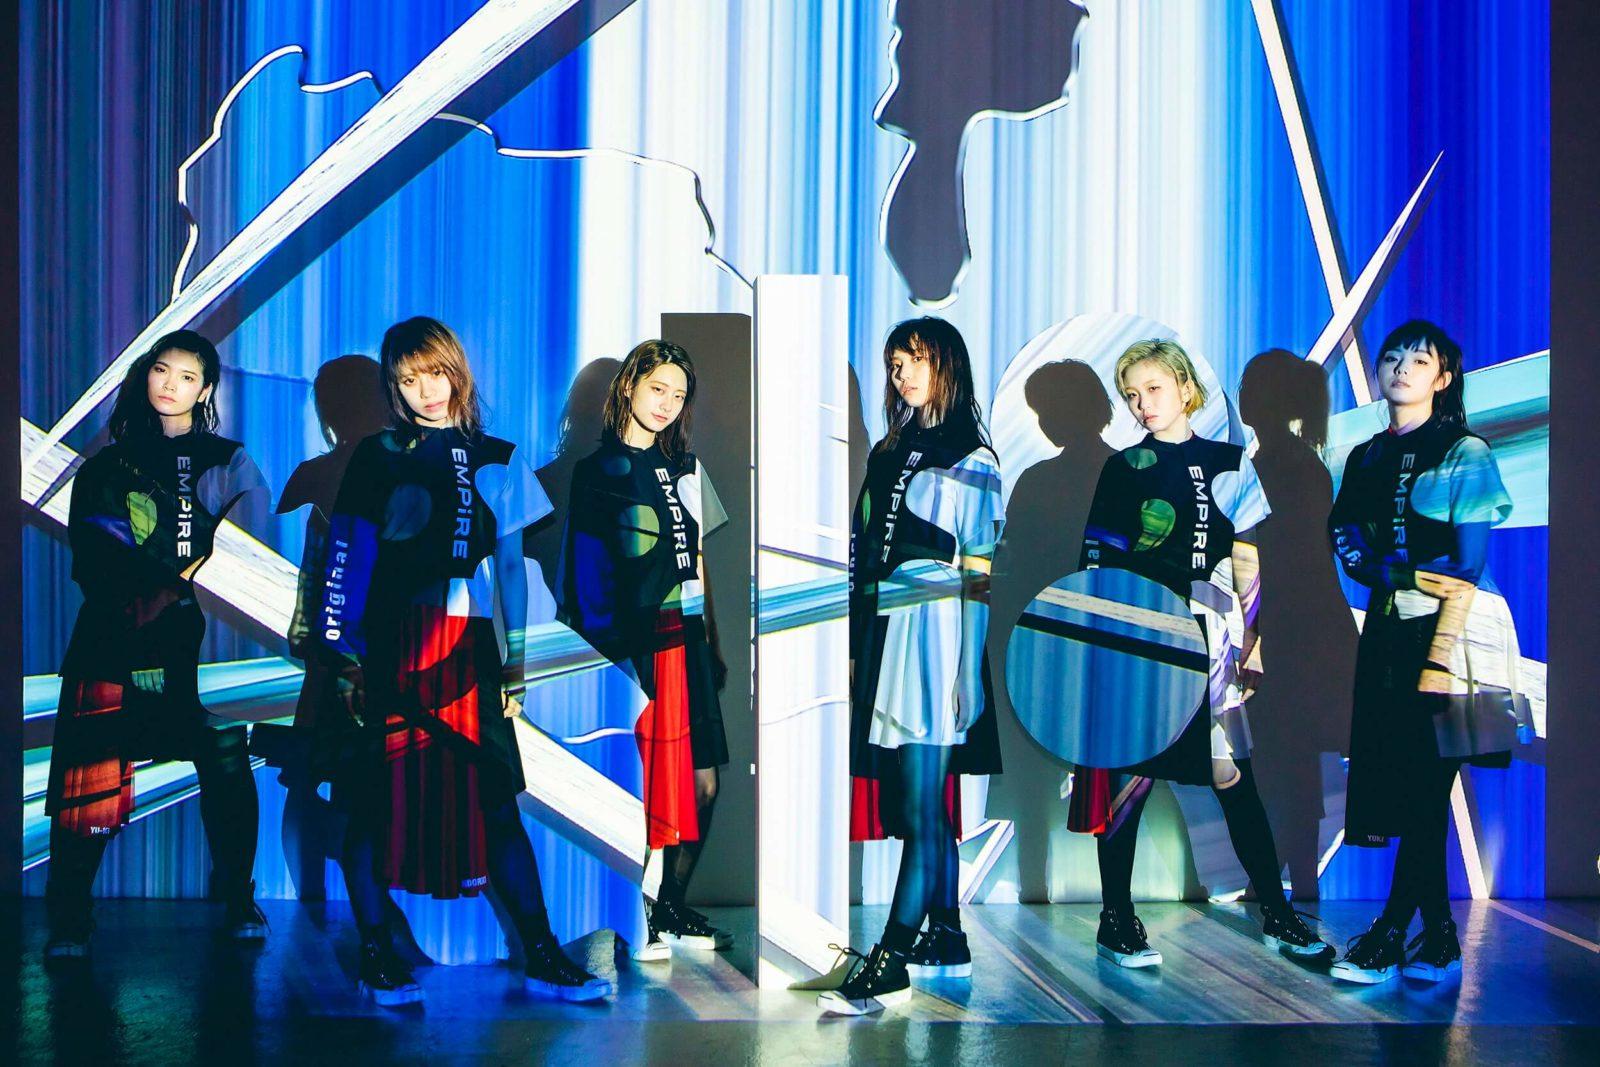 EMPiRE、初シングル『ピアス』がTVアニメ「FAIRY TAIL」ファイナルシリーズ第2クール EDテーマに決定サムネイル画像